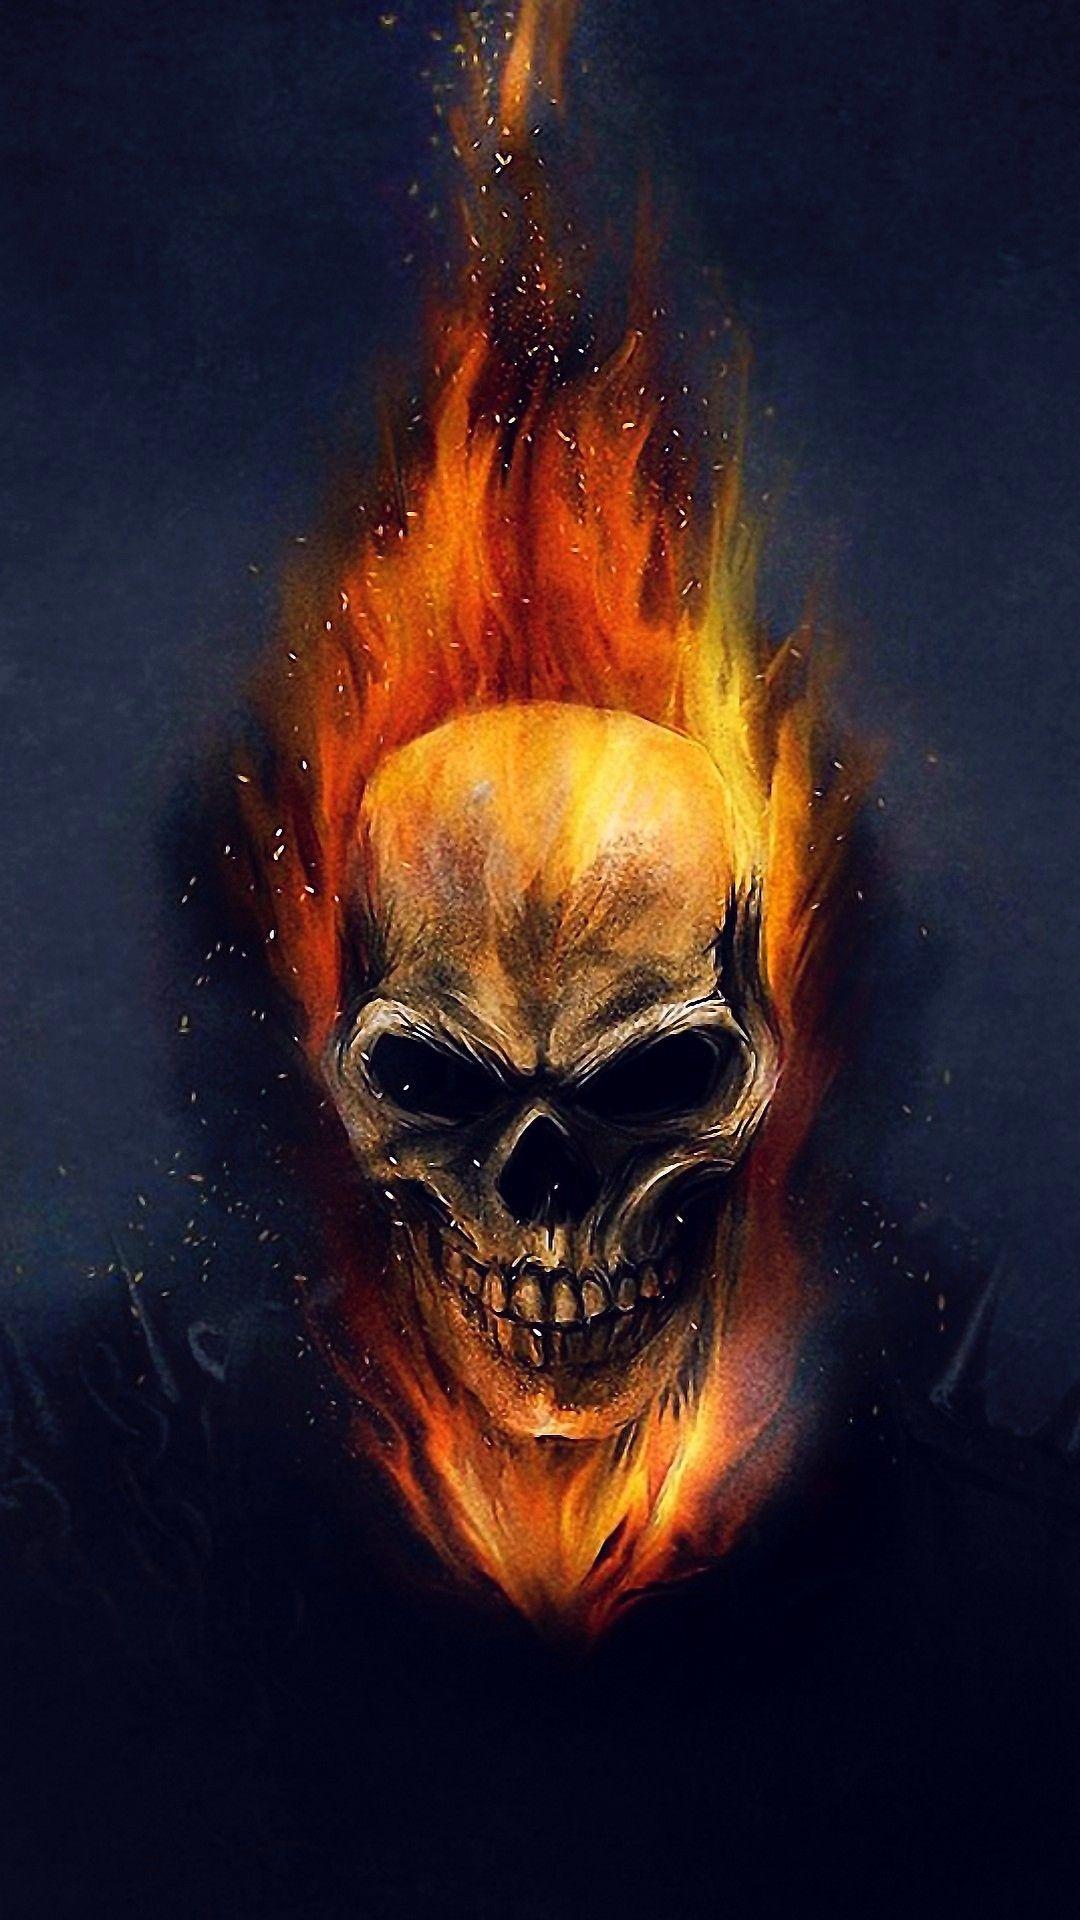 Pin By Rick On Skulls Skull Art Skull Pictures Skull Wallpaper